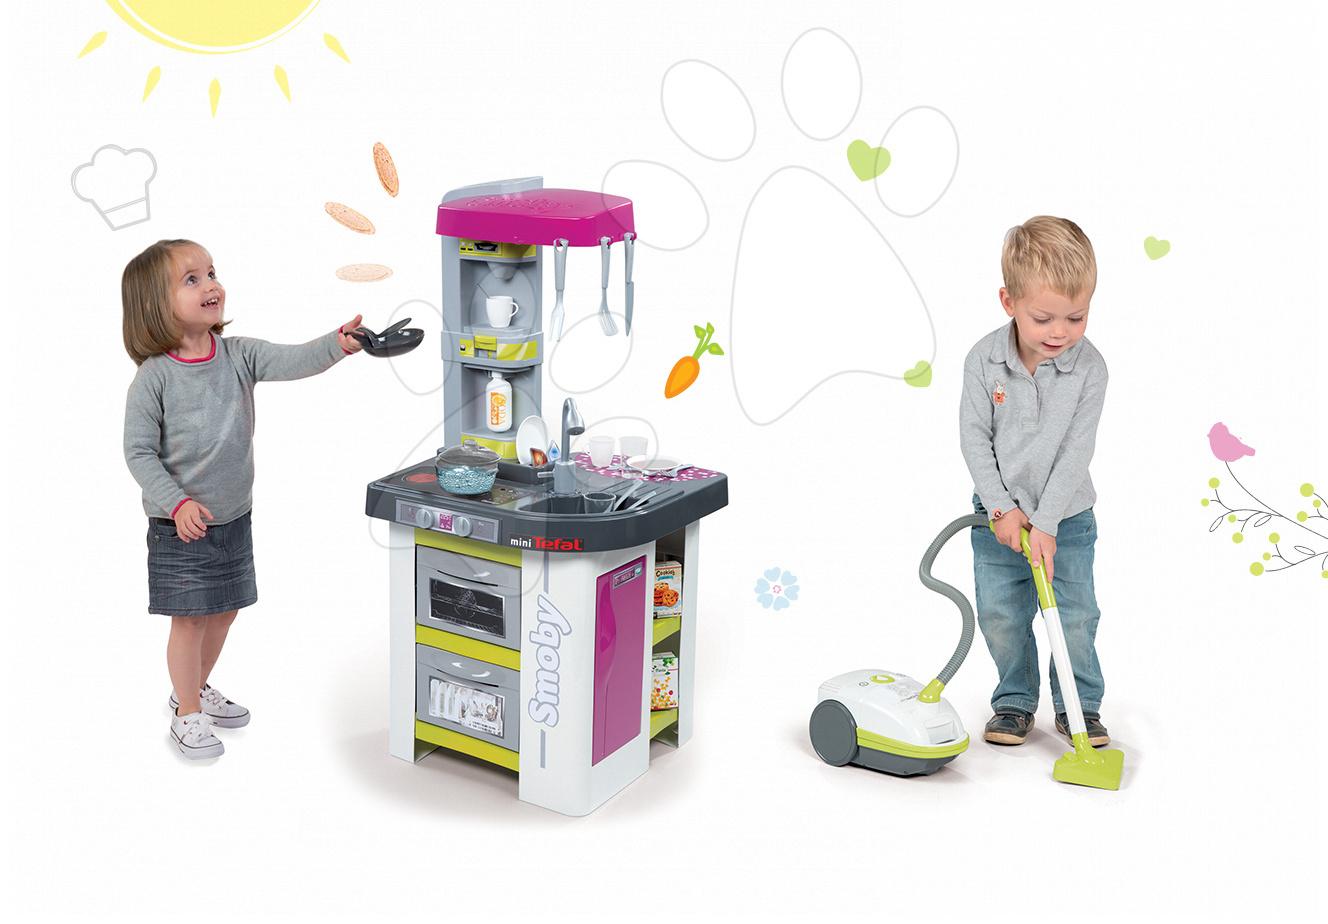 Kuchynky pre deti sety - Set kuchynka Tefal Studio BBQ Bublinky Smoby s magickým bublaním a vysávač Rowenta elektronický